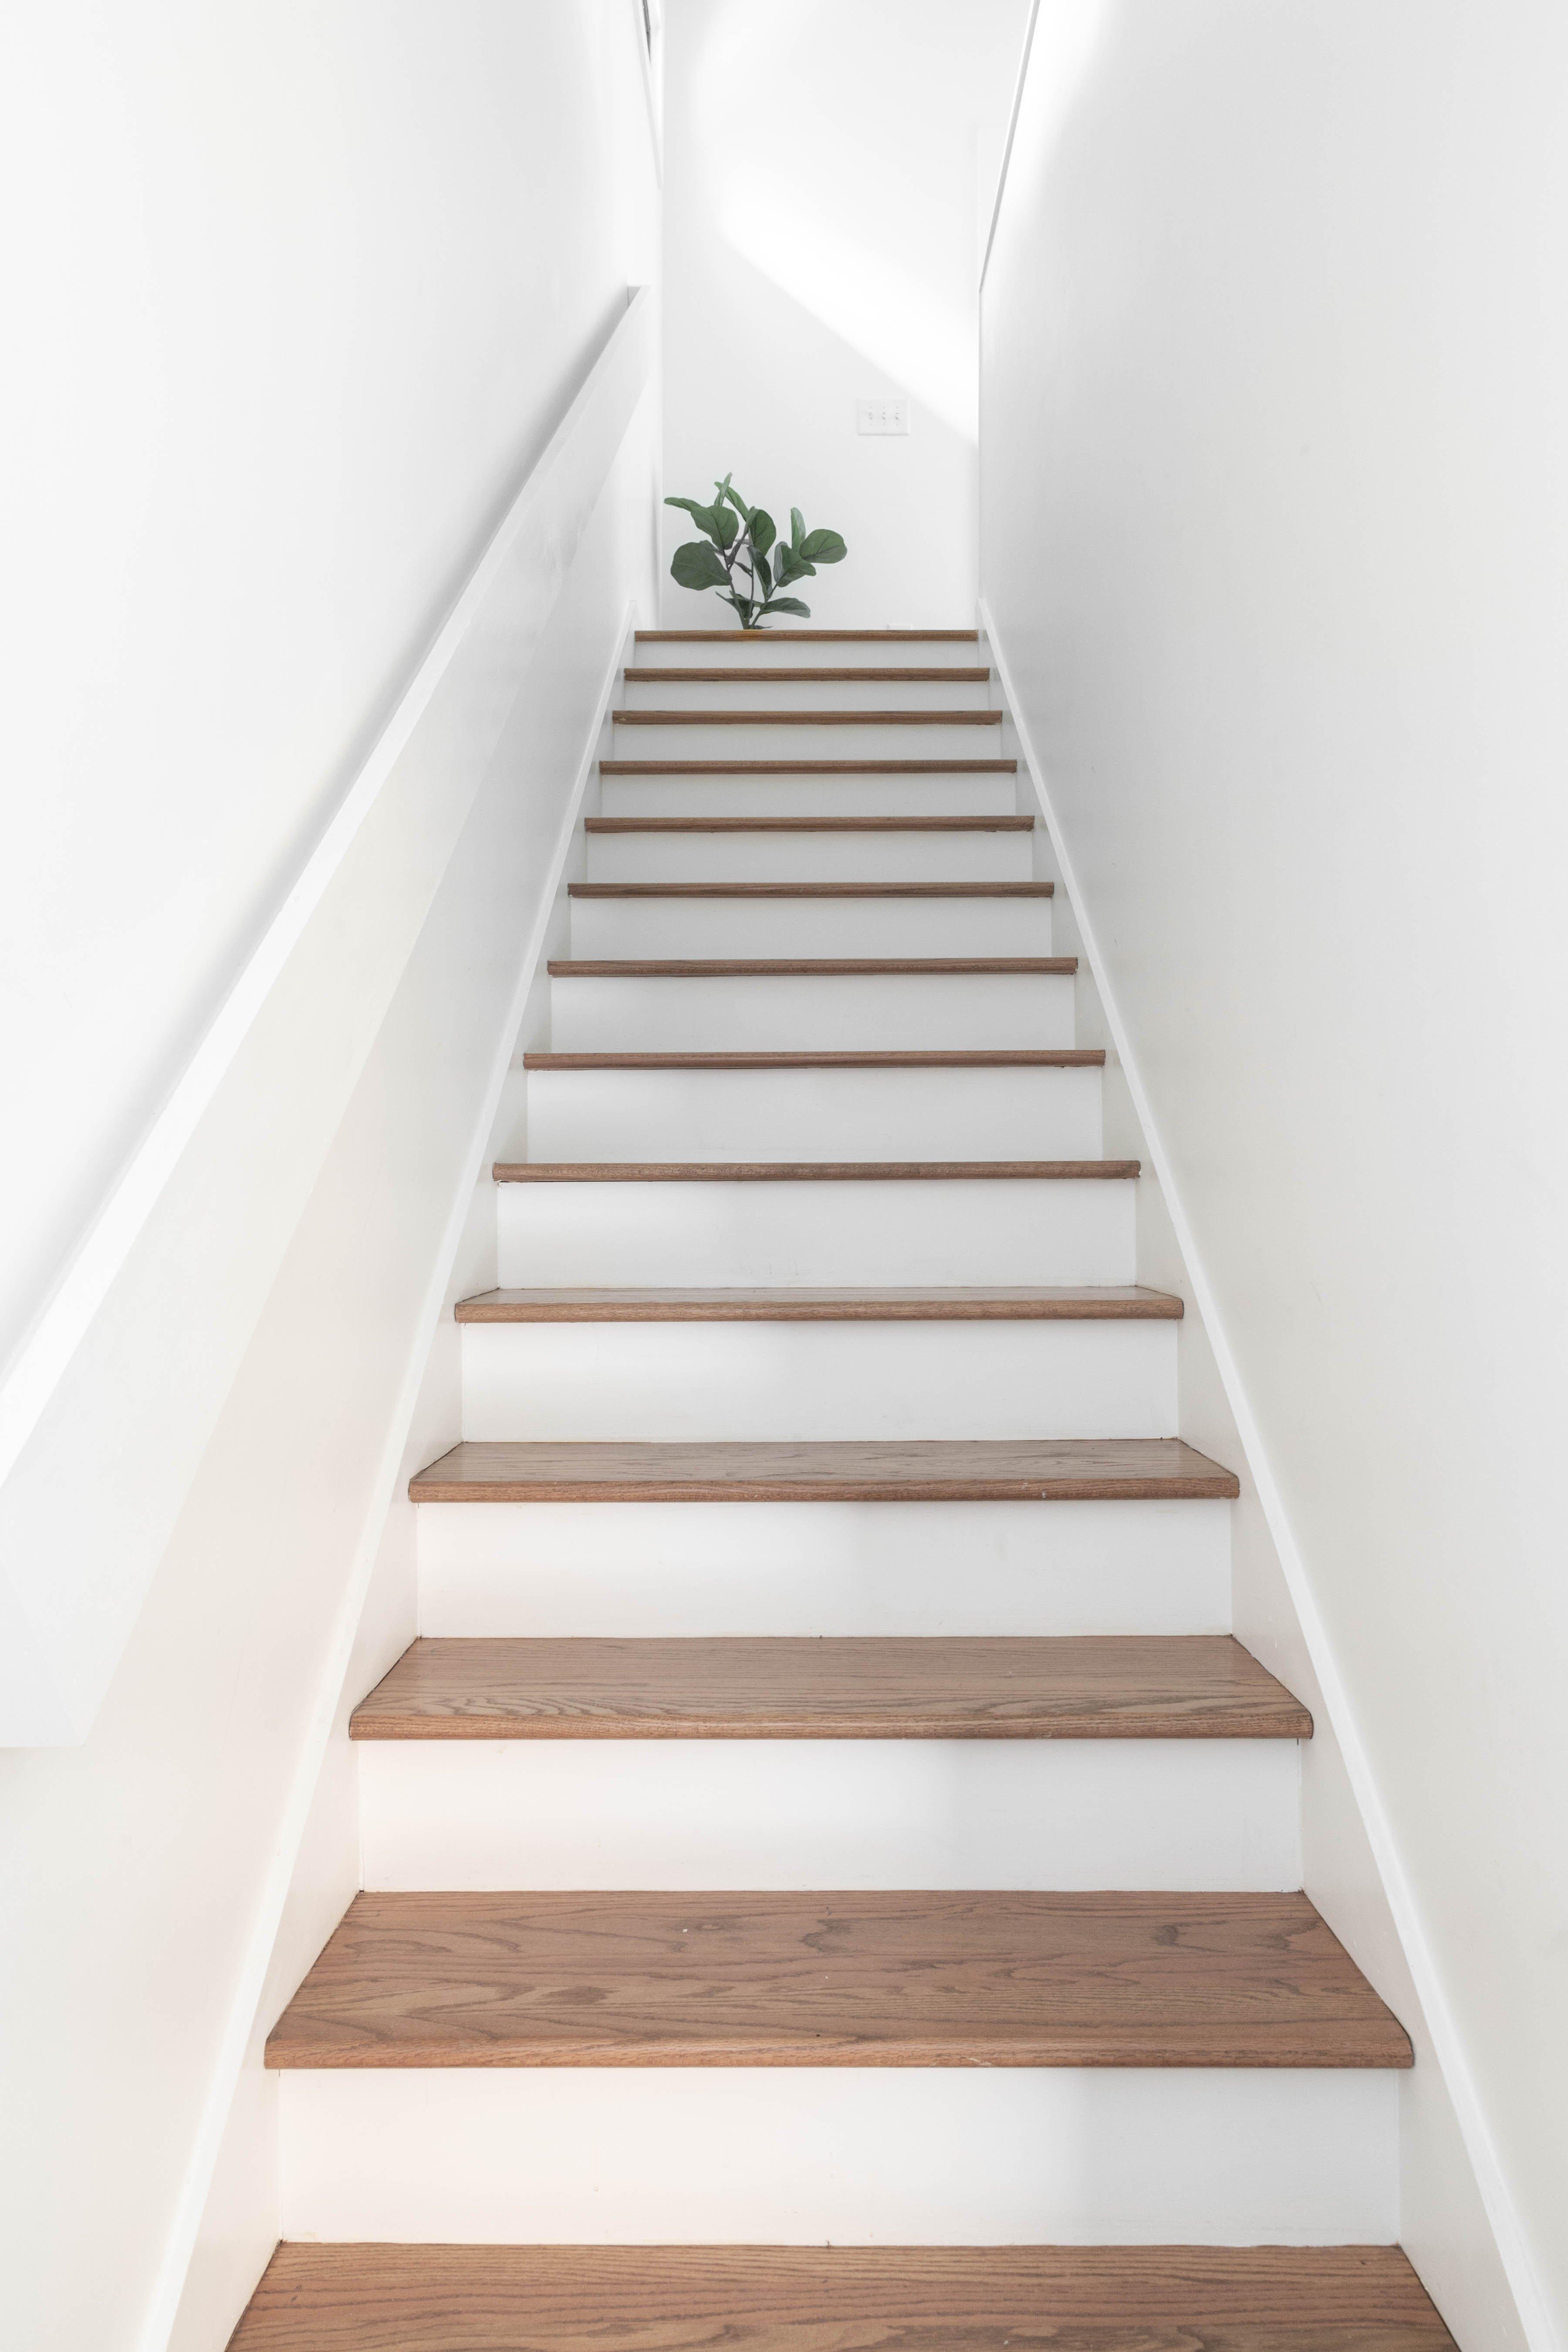 24 steps 20210707-IMG_8096.jpg